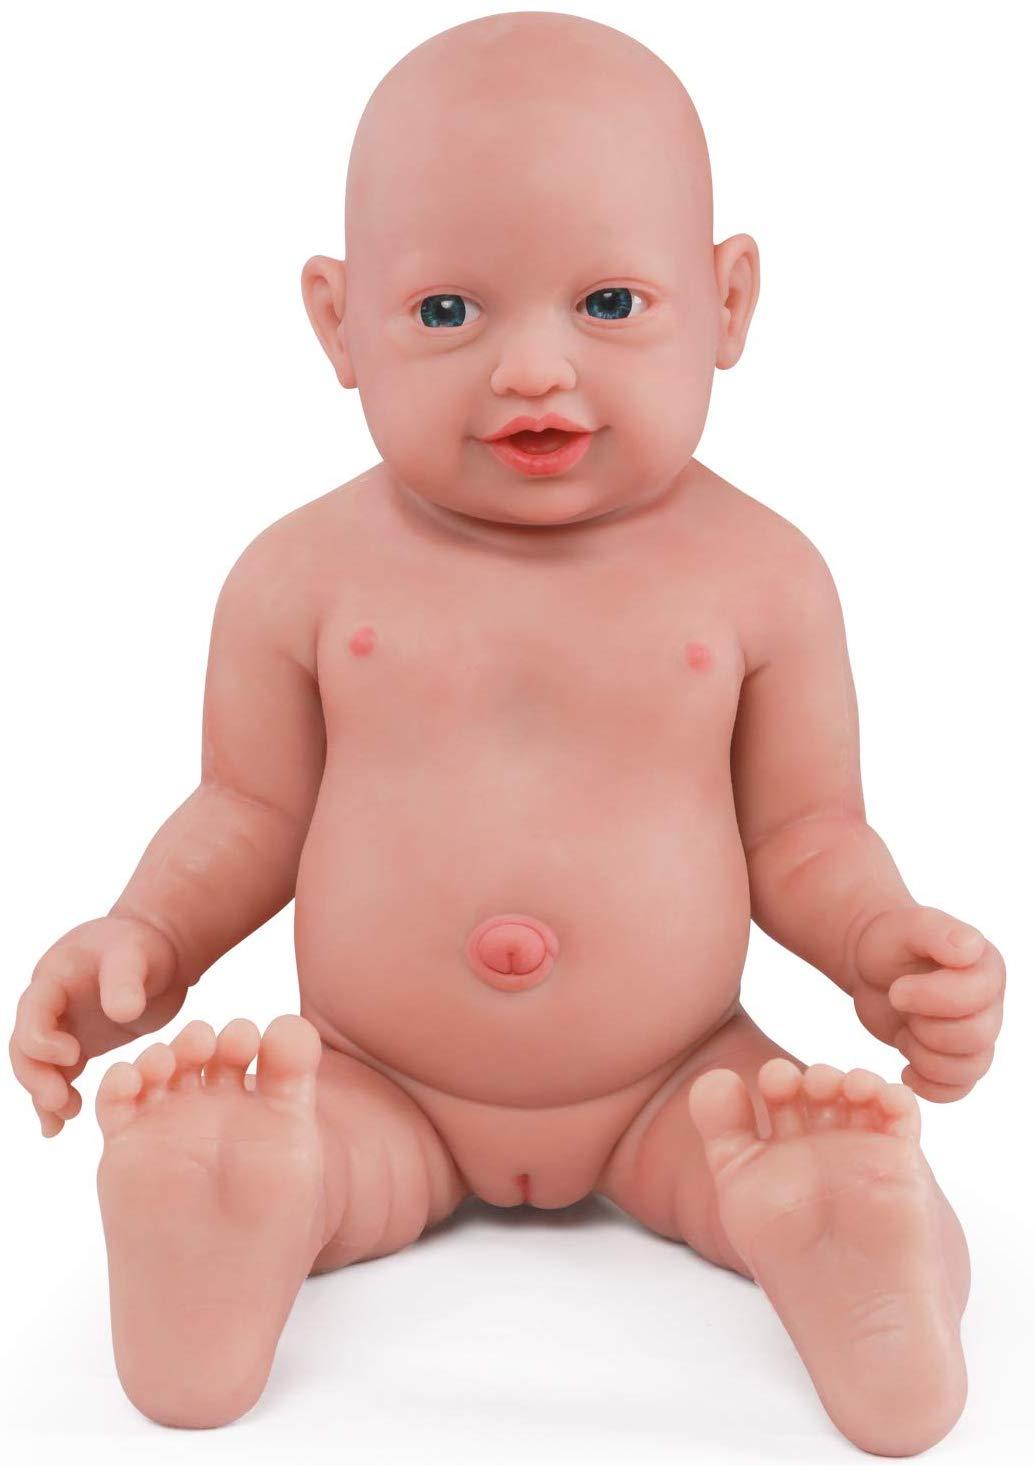 Le poupon réaliste Vollence fille ressemble à un vrai bébé.